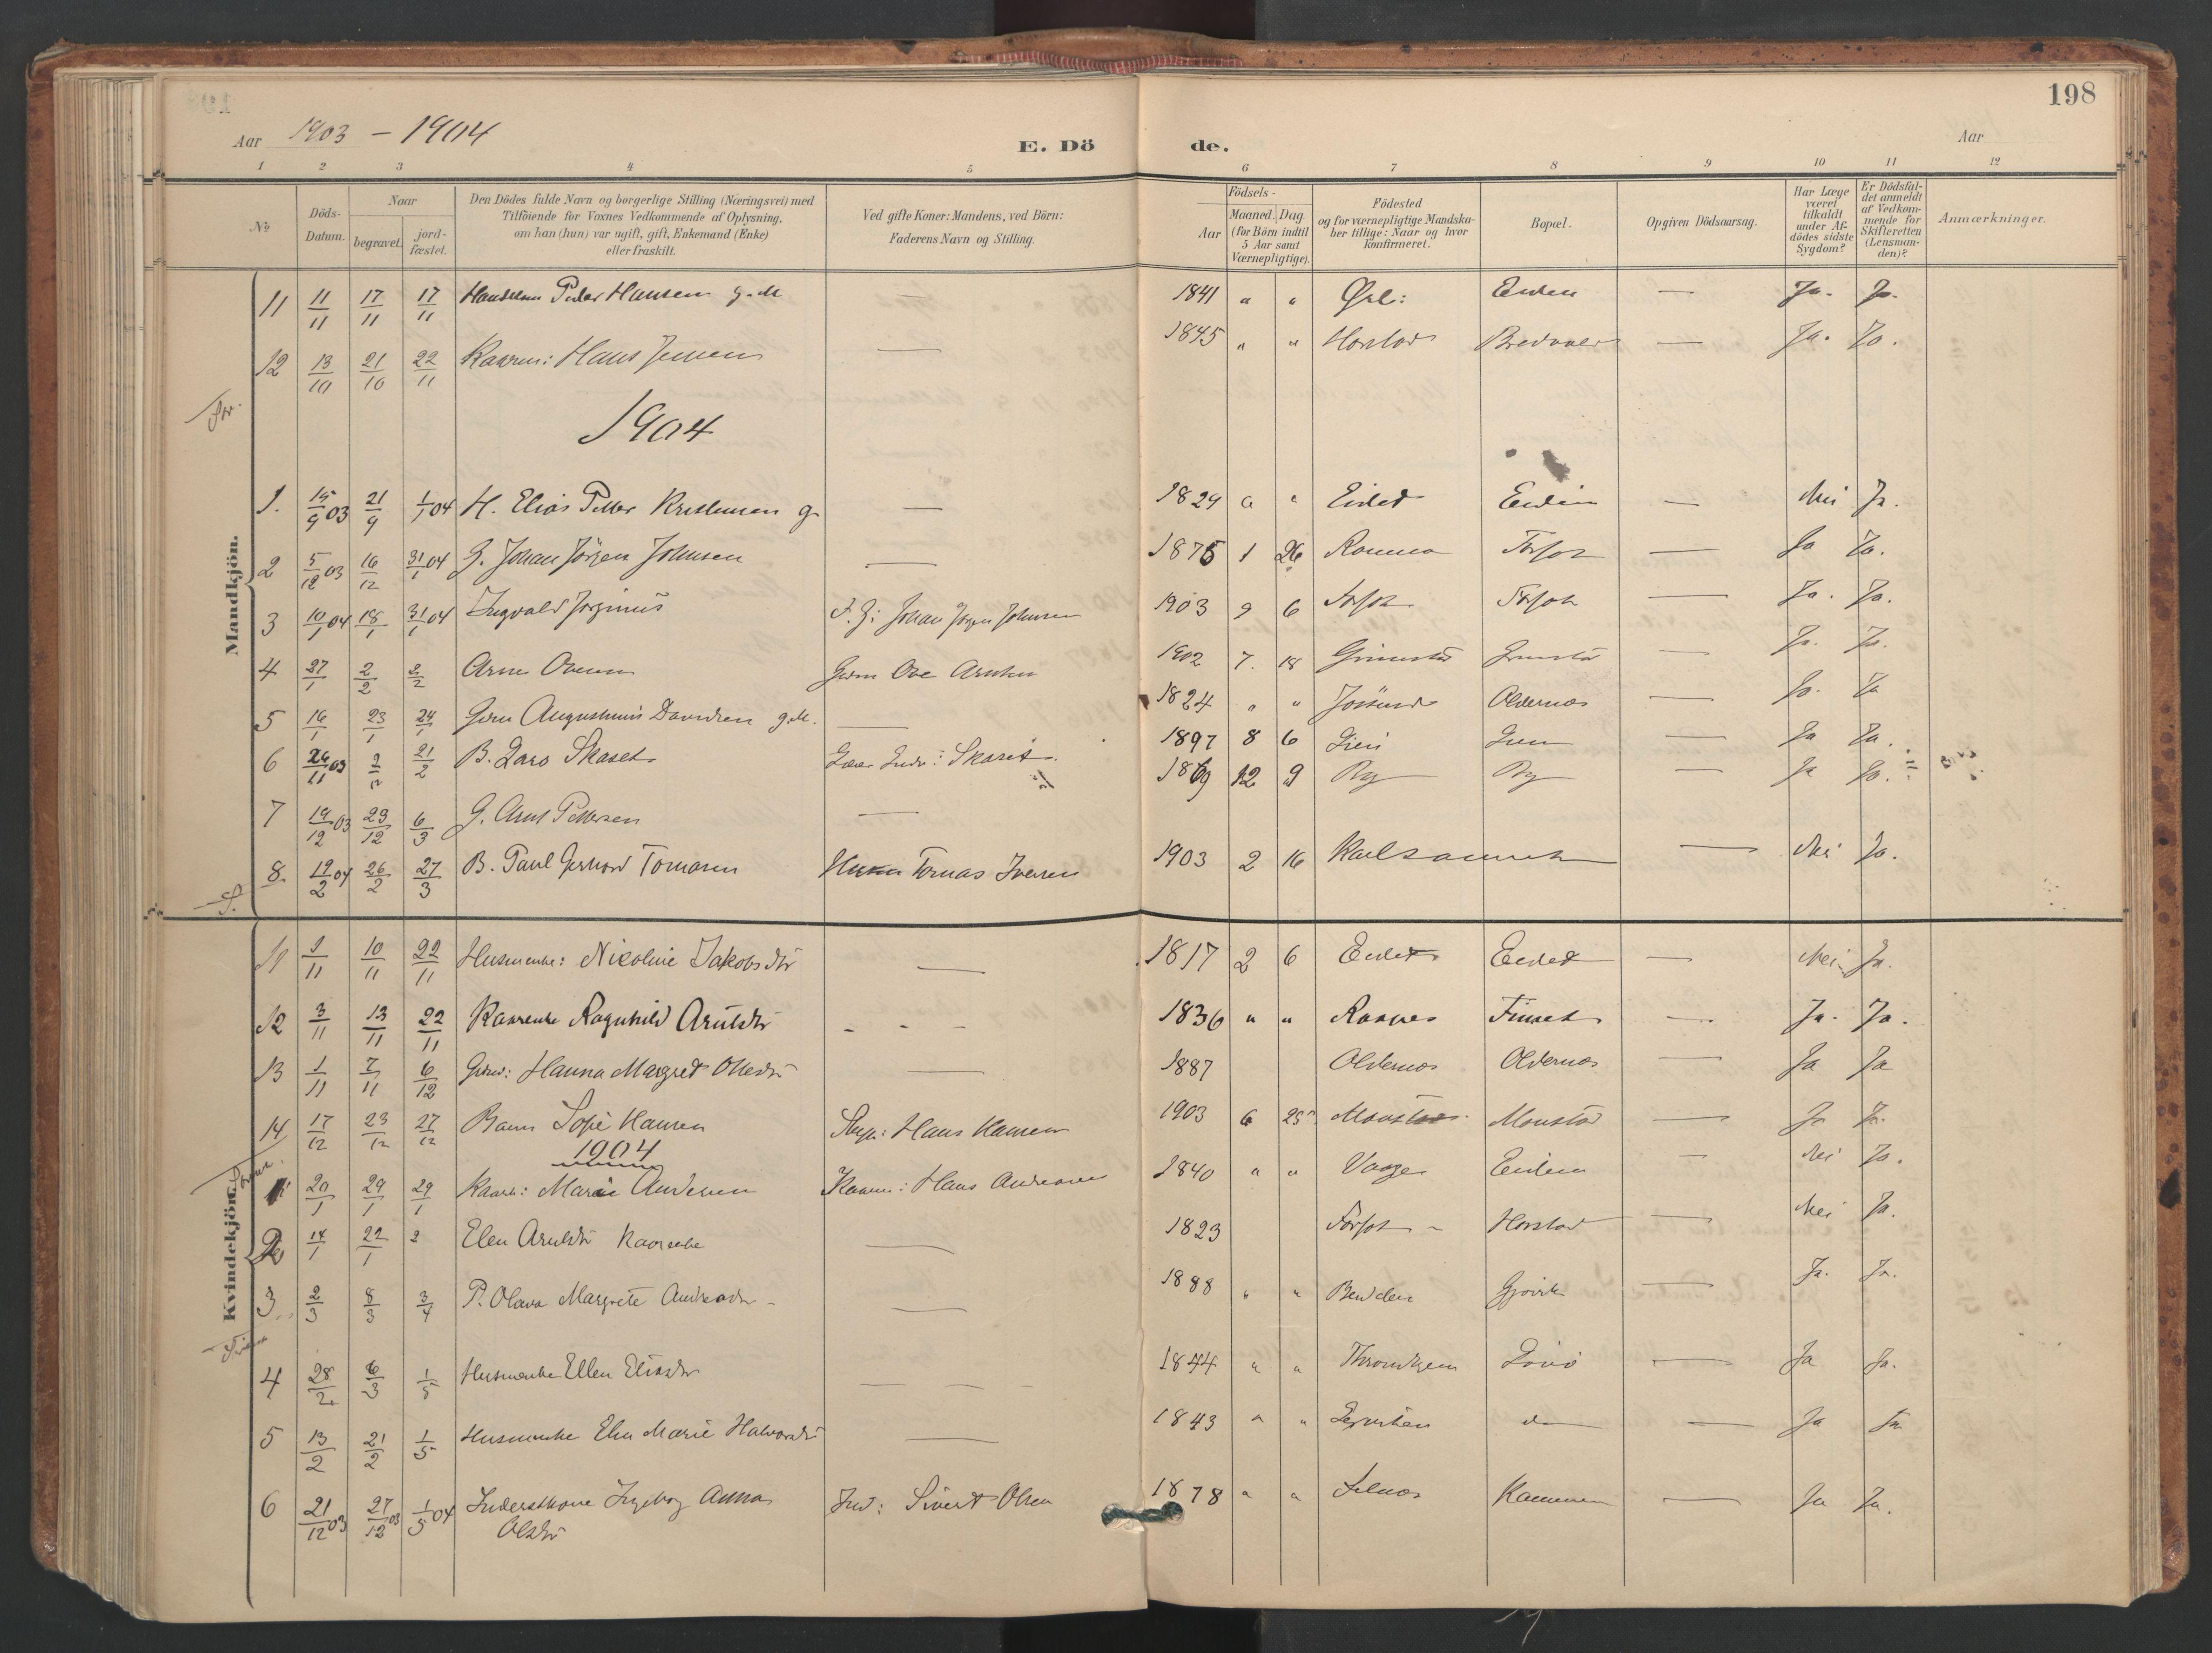 SAT, Ministerialprotokoller, klokkerbøker og fødselsregistre - Sør-Trøndelag, 655/L0681: Ministerialbok nr. 655A10, 1895-1907, s. 198